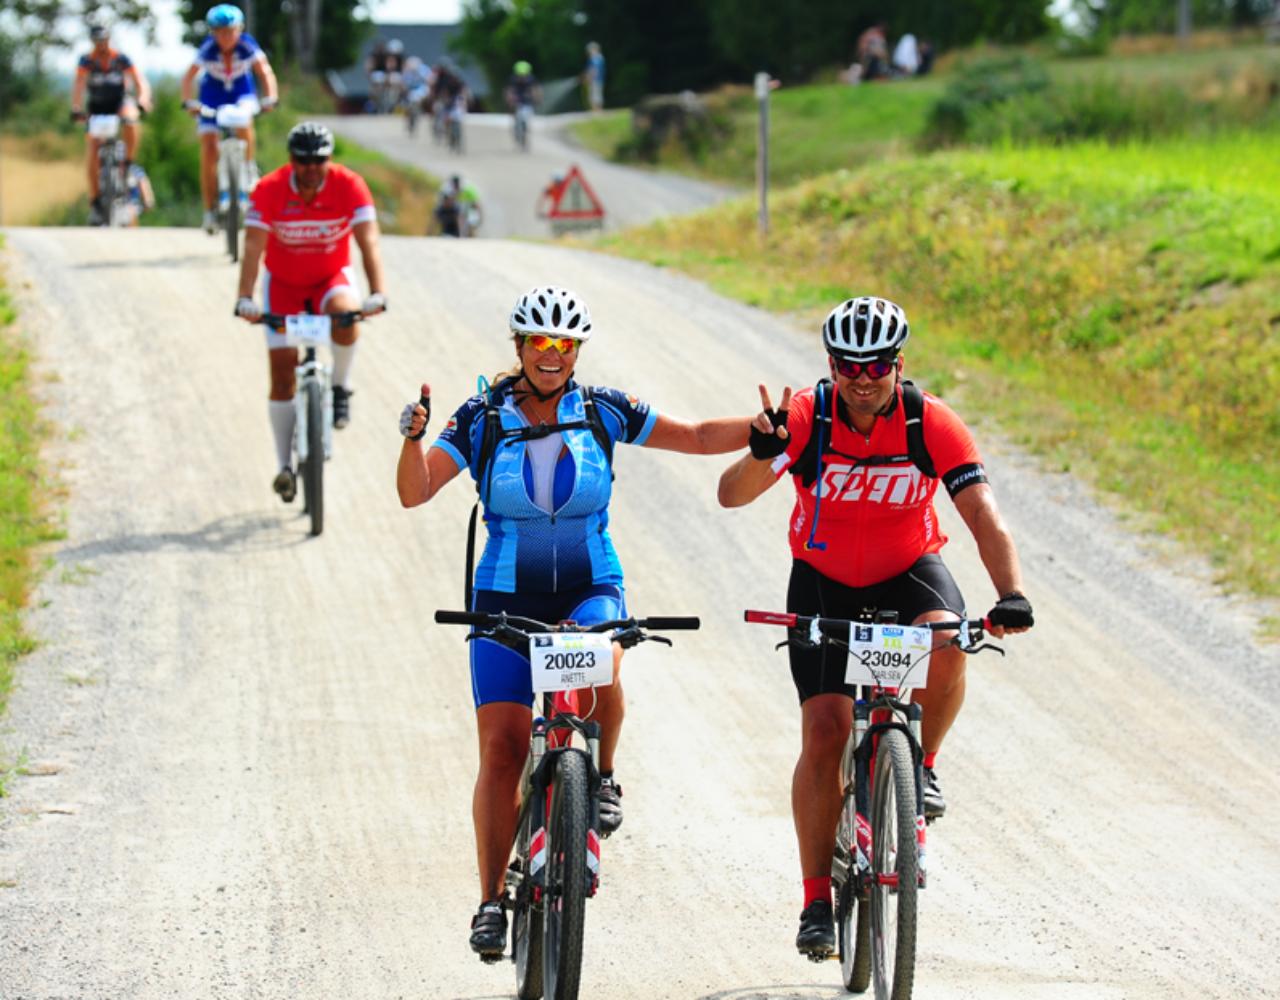 Grenserittet - Tips til gjennomføring av sykkelritt